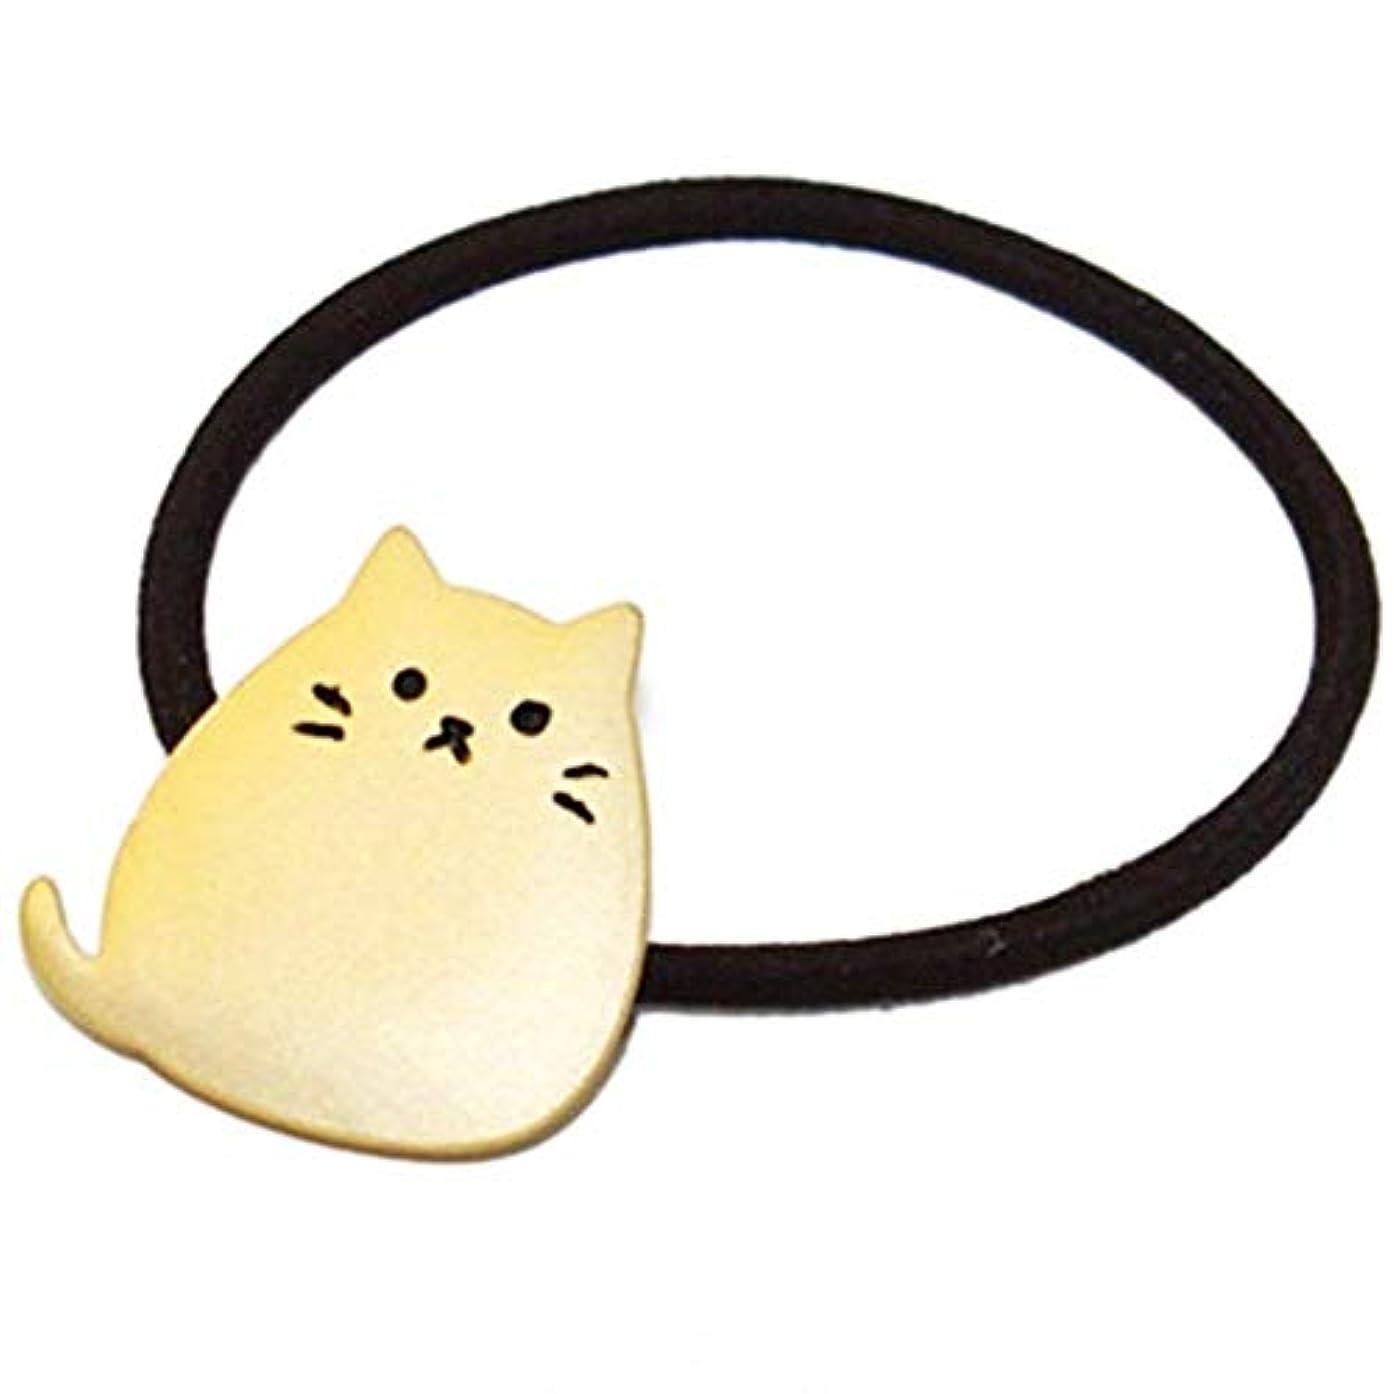 胚芽コンパニオンの間でOnior ヘアロープ 弾性 リボン 髪飾り ヘアネクタイ 猫形 金属 メッキ 1ピース ゴールデン